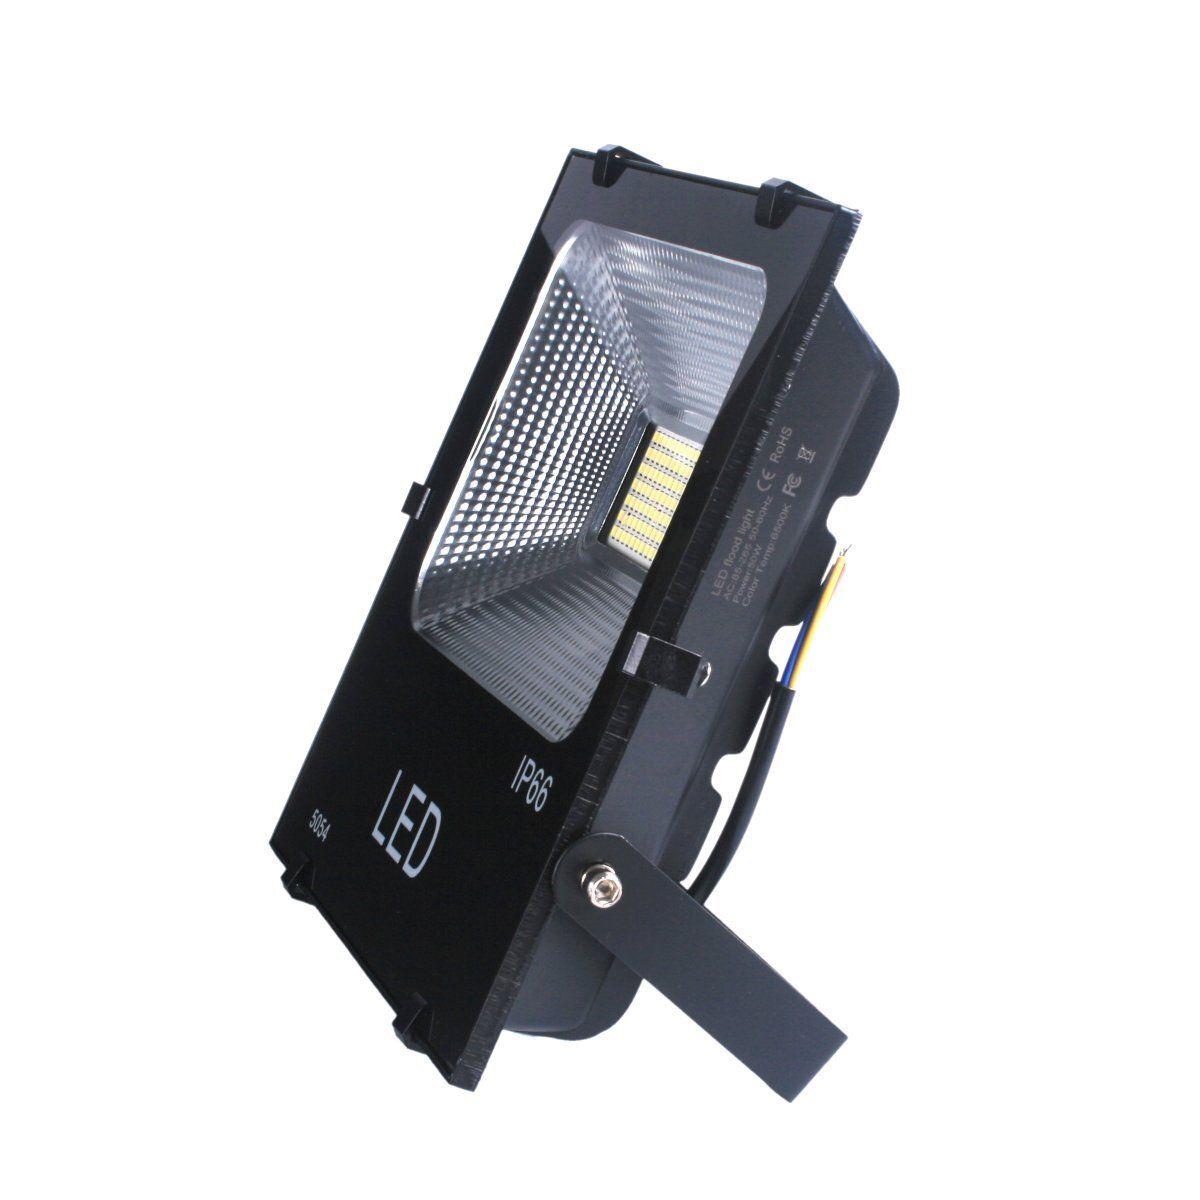 6 Einheiten 50W Уличный светодиодный Flutlicht IP66 hoher Wirkungsgrad (Neu)